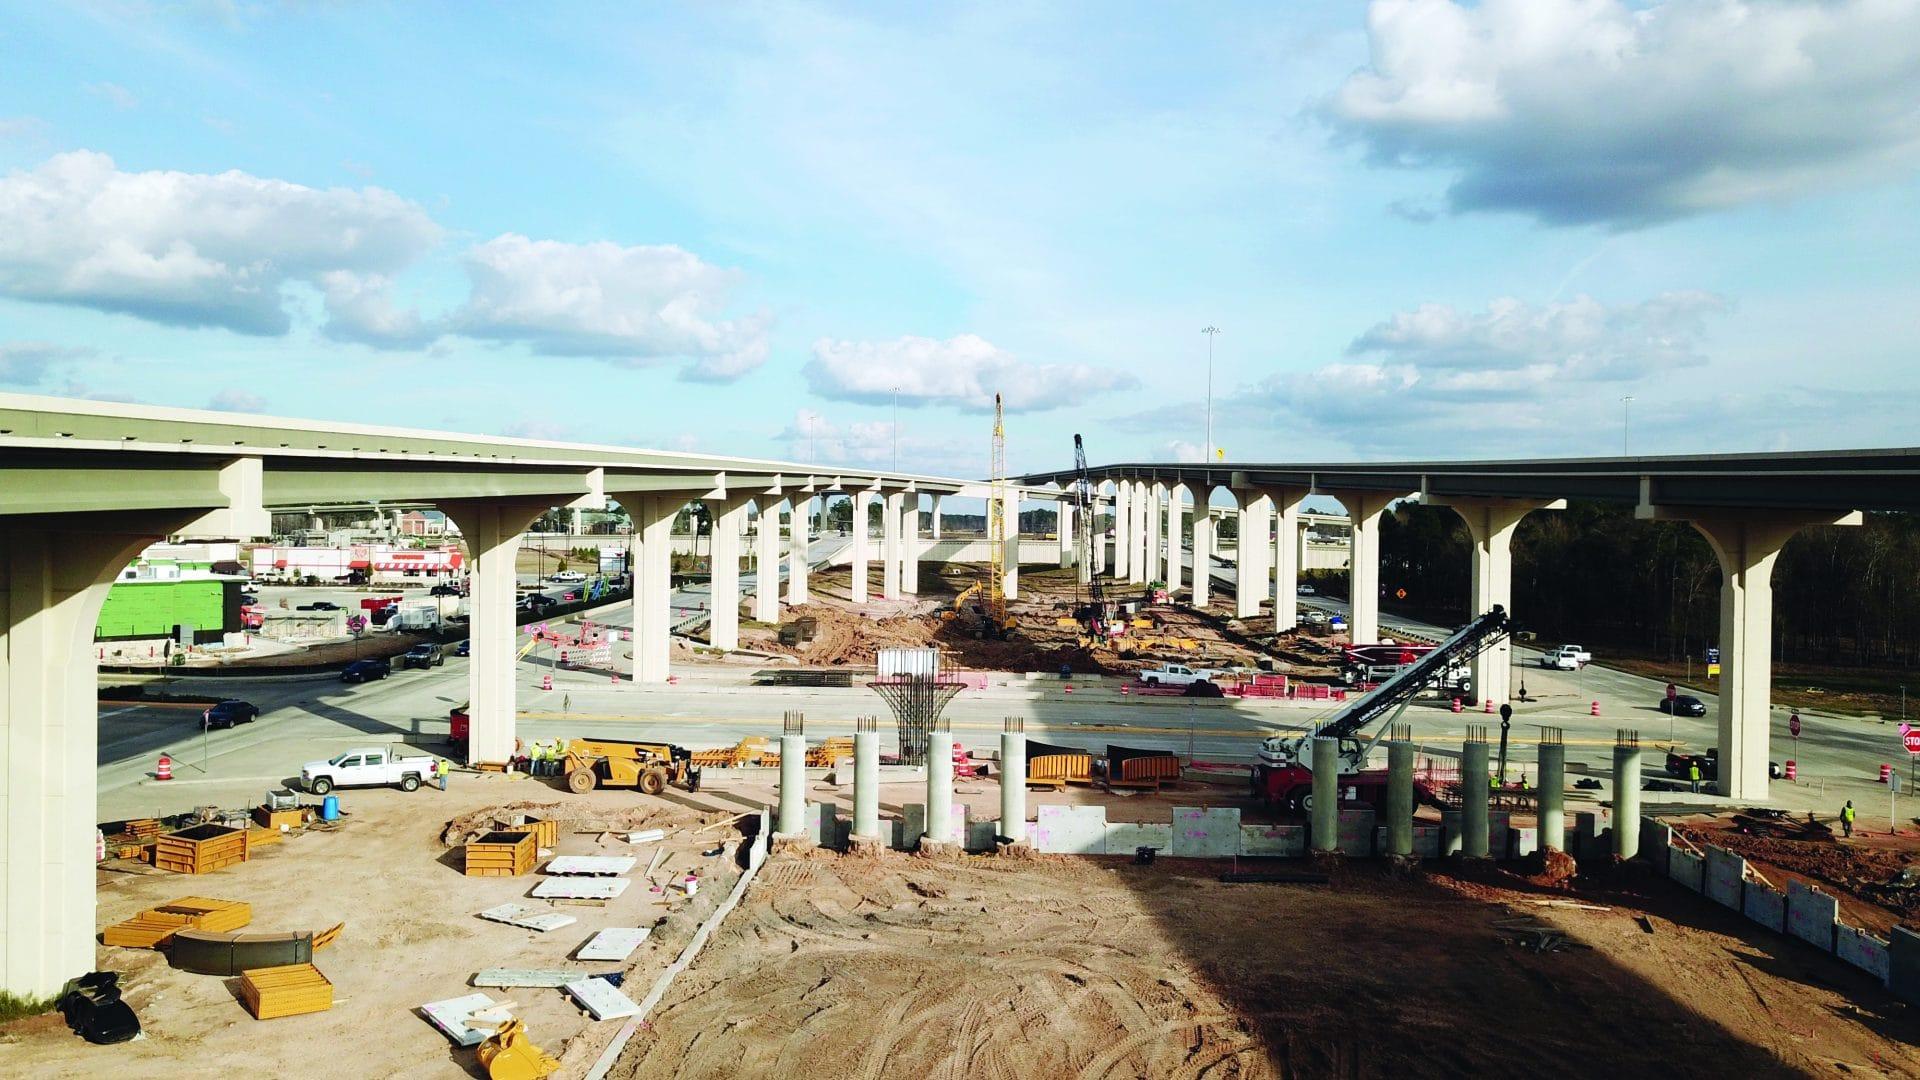 Un consorcio formado por Ferrovial Agroman US, Webber y Granite Construction, construye la autopista SH 99 Grand Parkway